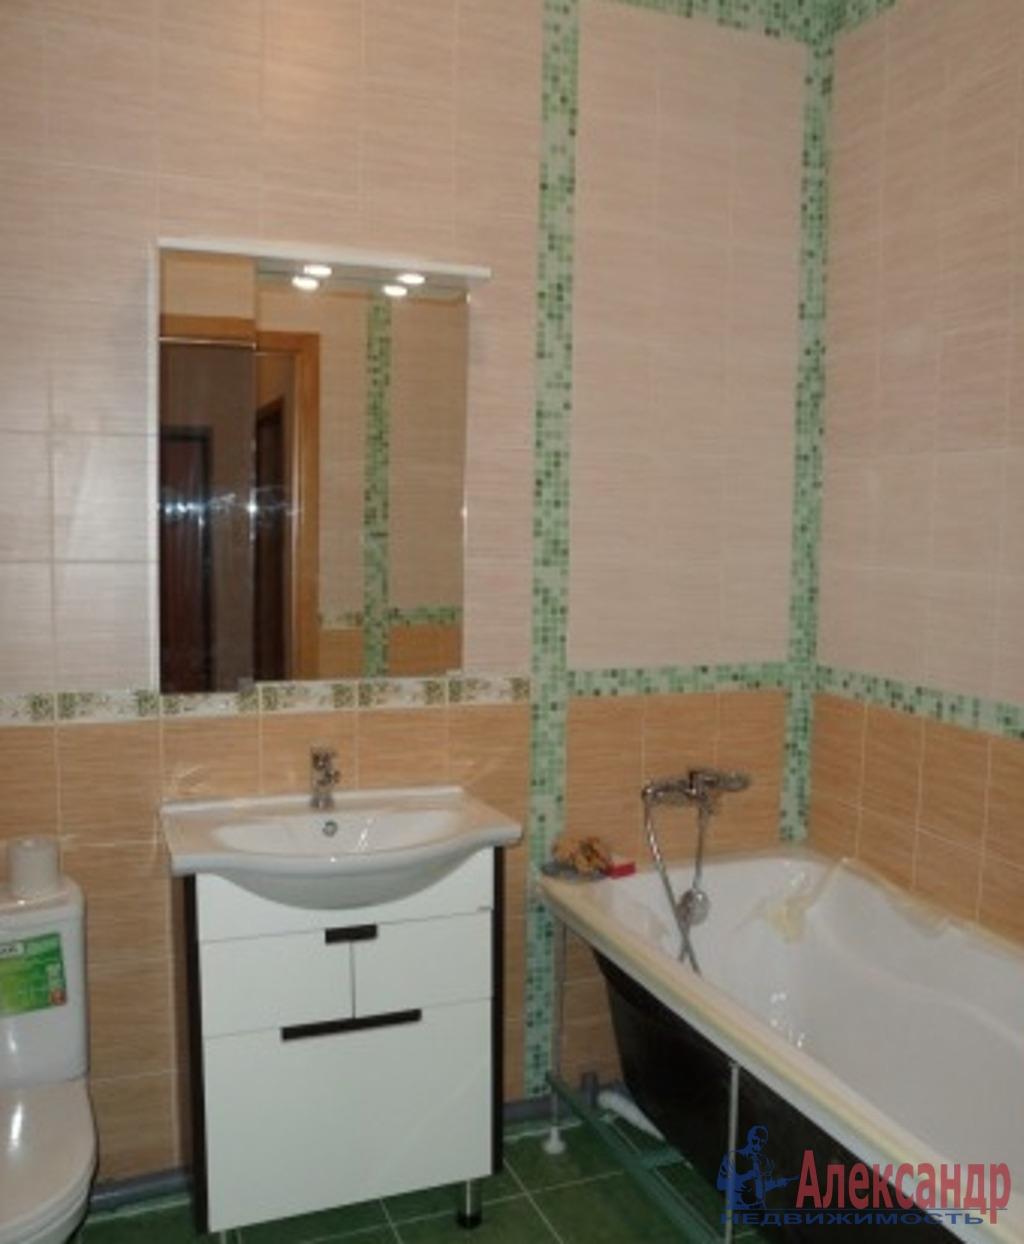 1-комнатная квартира (40м2) в аренду по адресу Беринга ул., 1— фото 3 из 3